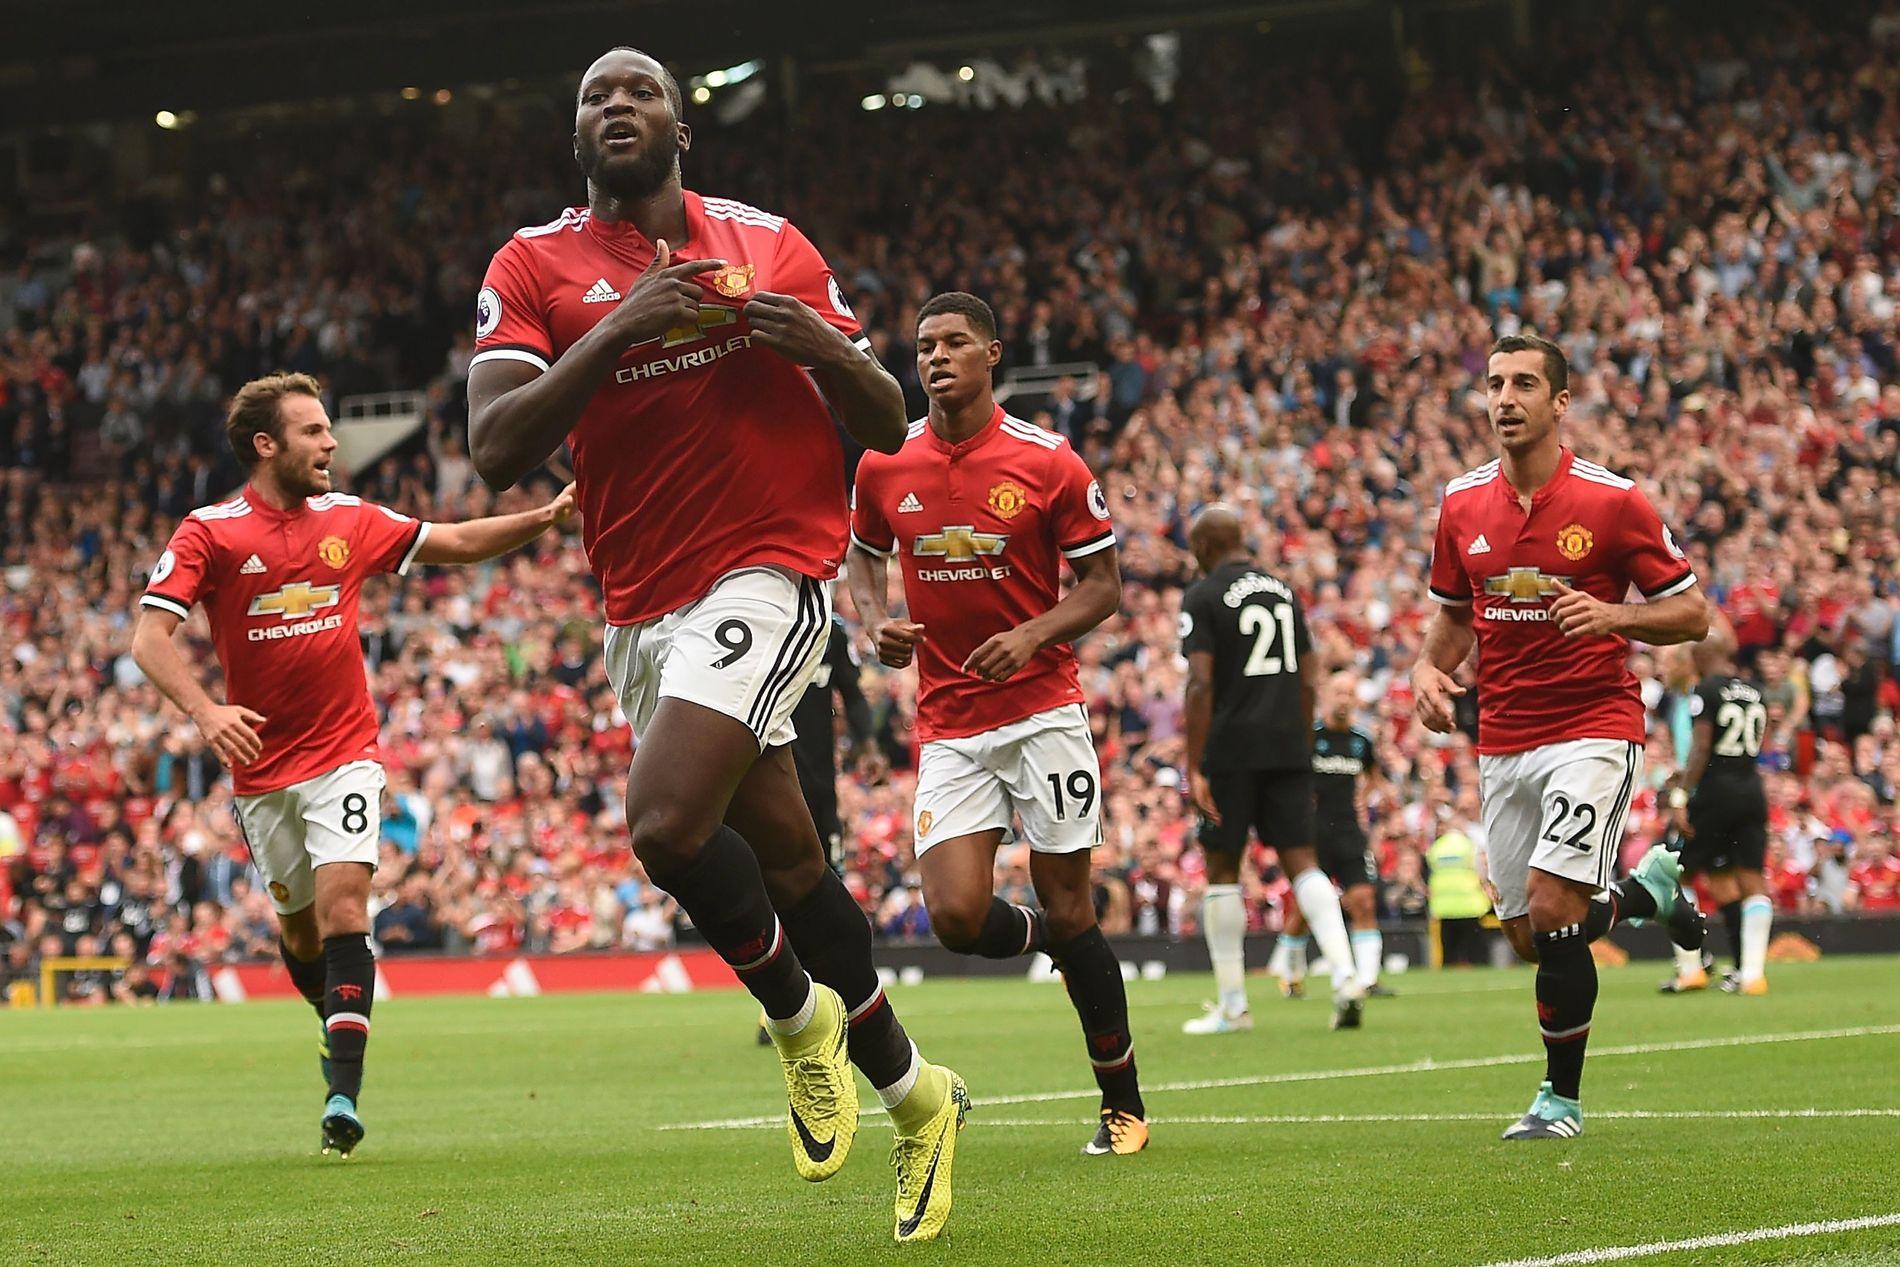 SUPERSPISS: Romelu Lukaku fikk en drømmekveld sammen med angrepsrekken til Manchester United.